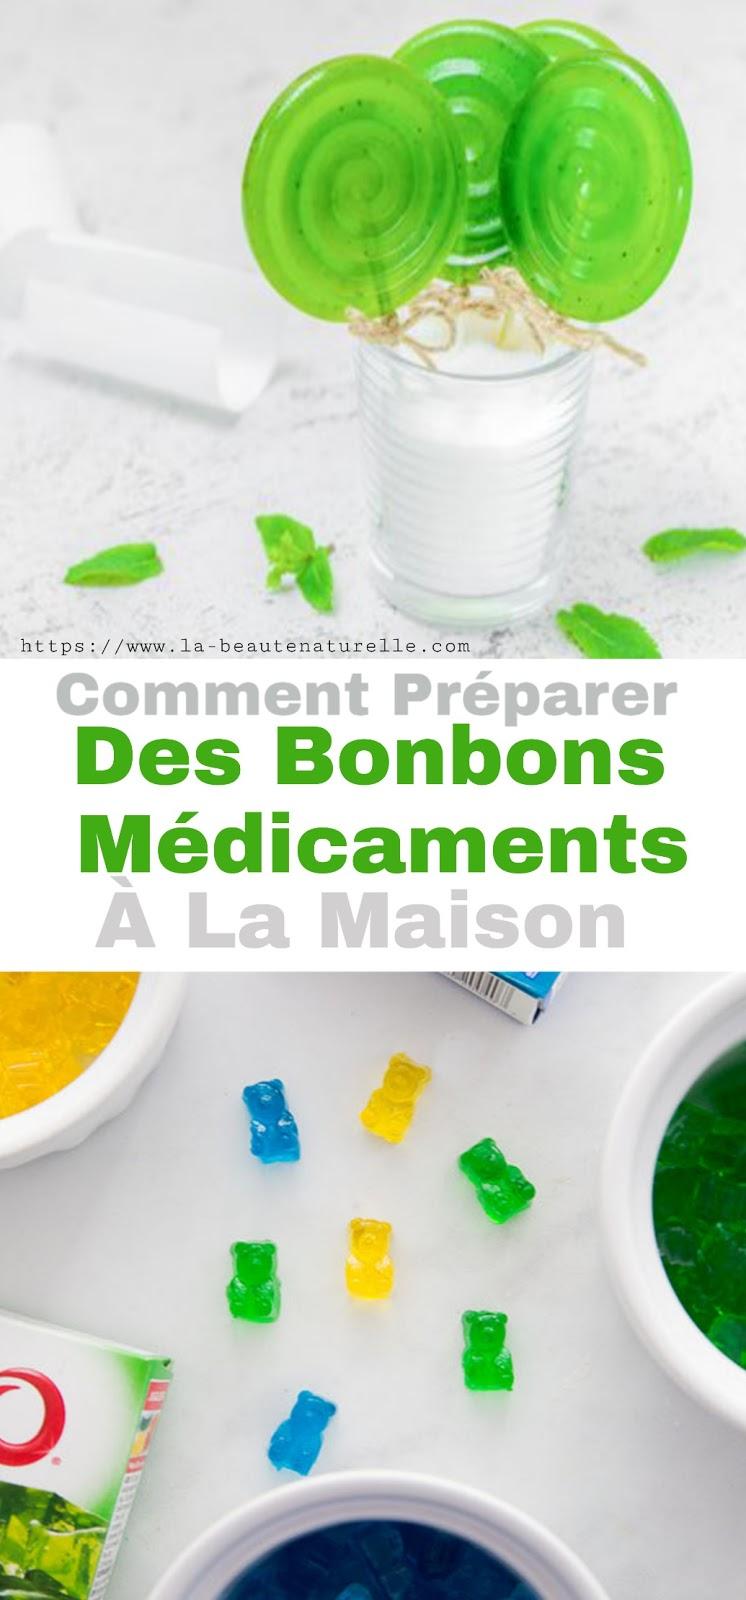 Comment Préparer Des Bonbons Médicaments À La Maison